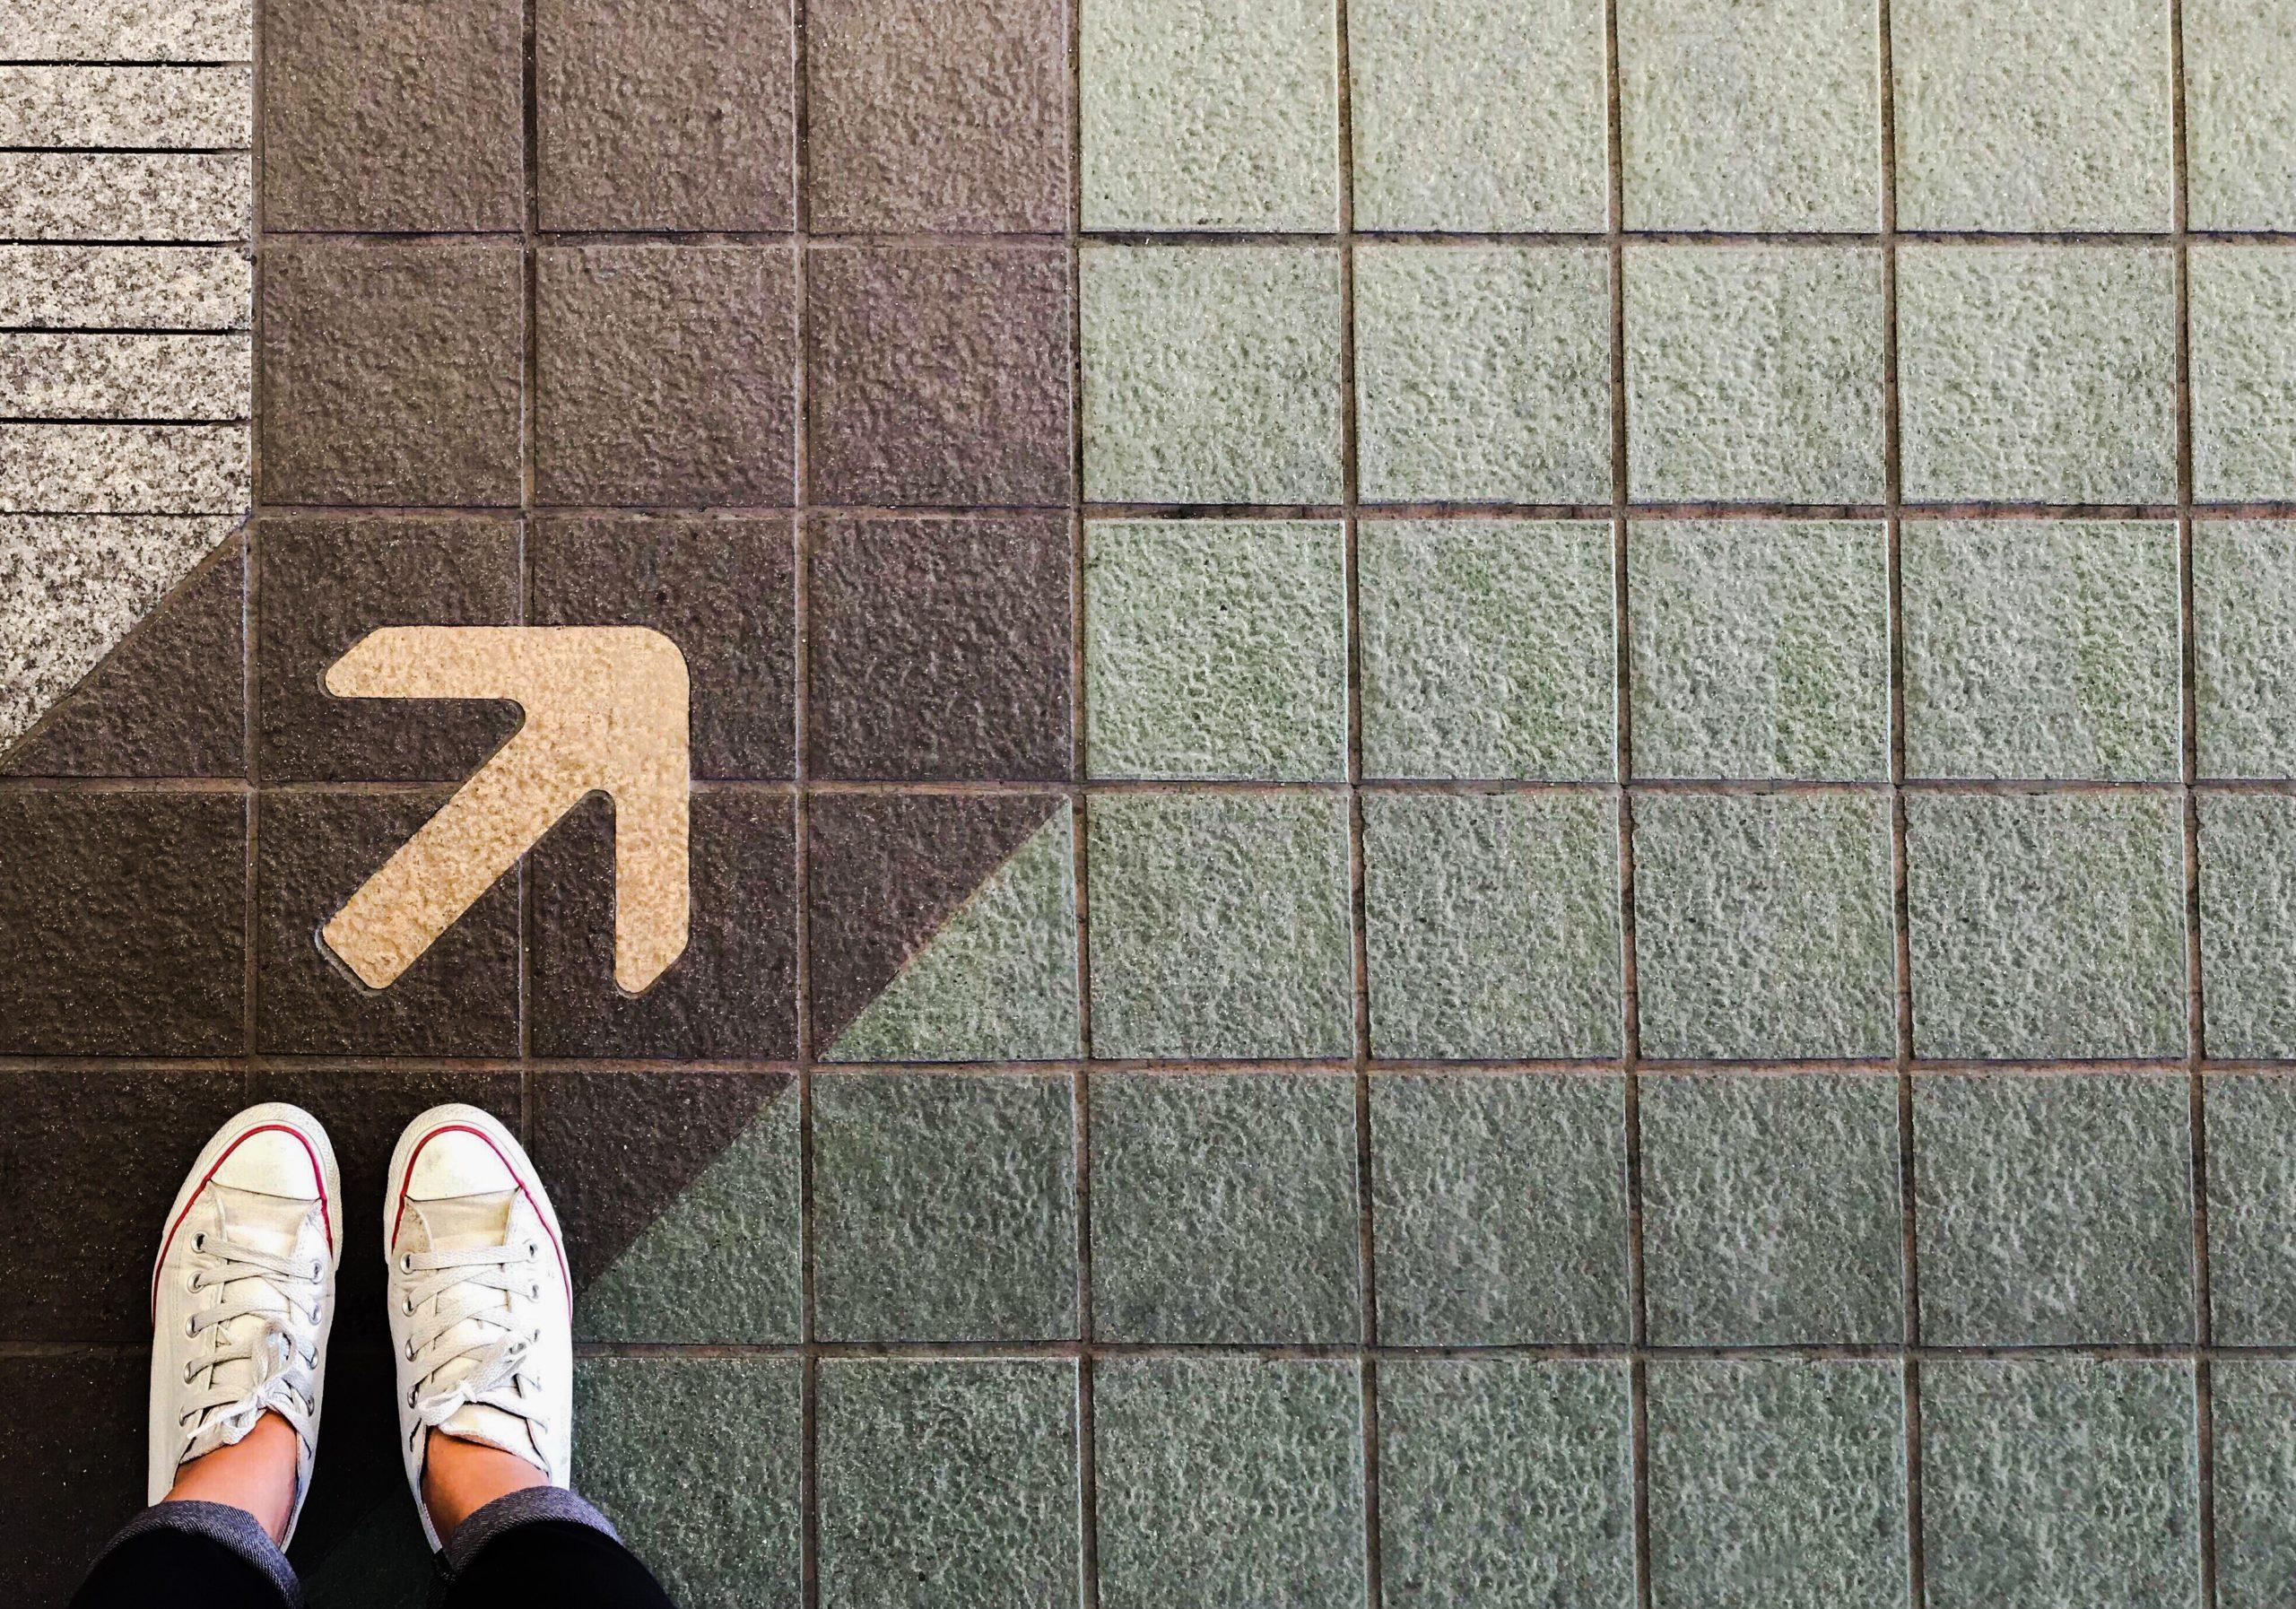 USP von Unternehmen klar kommunizieren Symbolbild